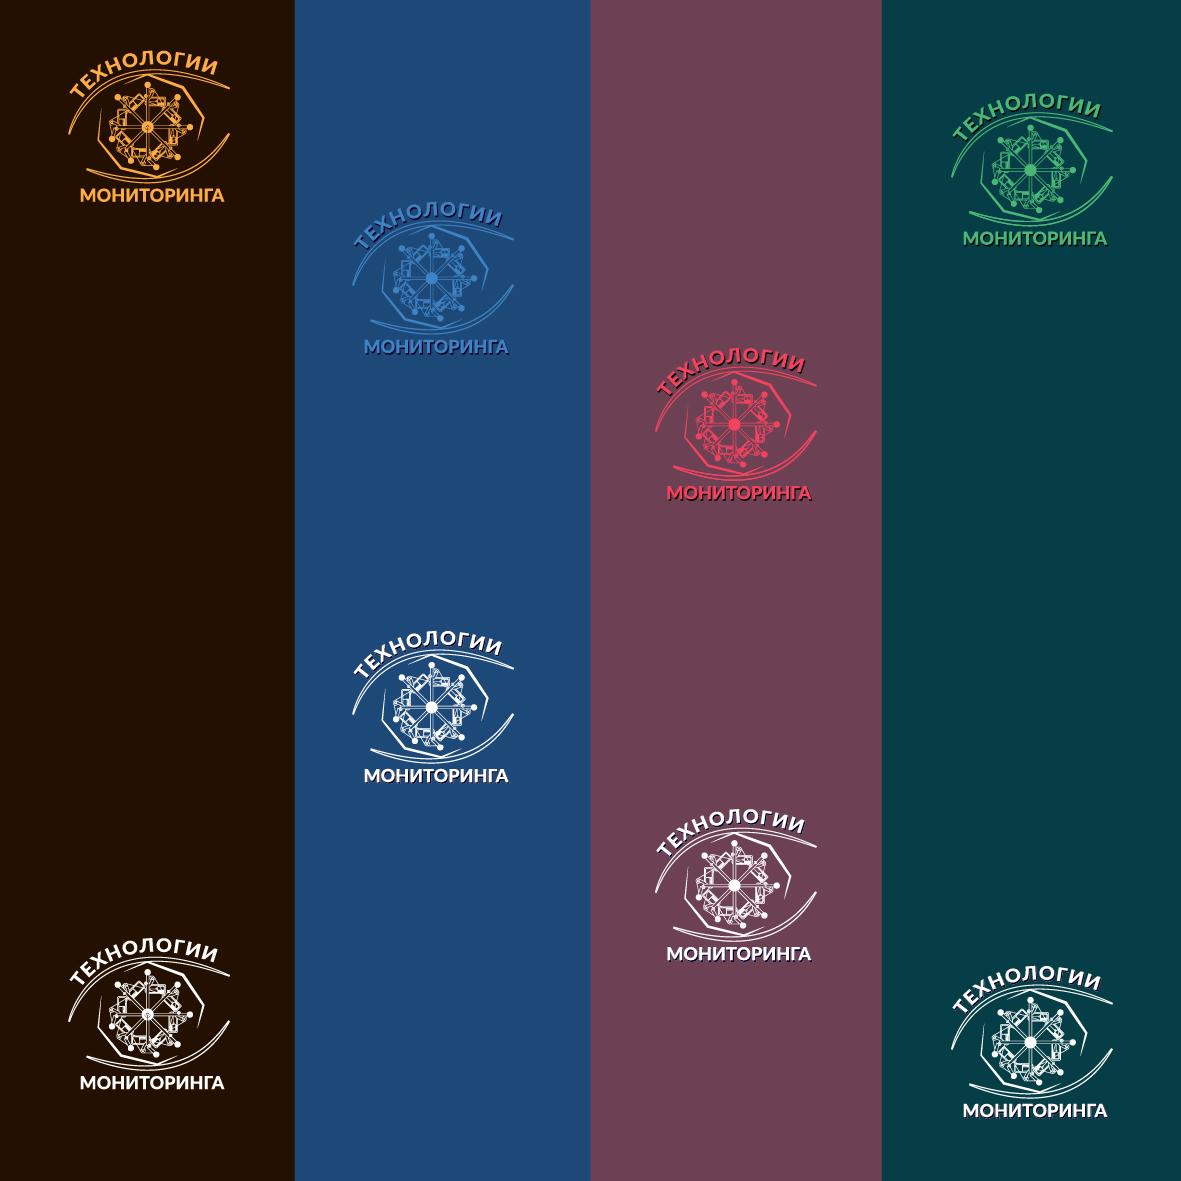 Разработка логотипа фото f_5325976a5825e941.jpg